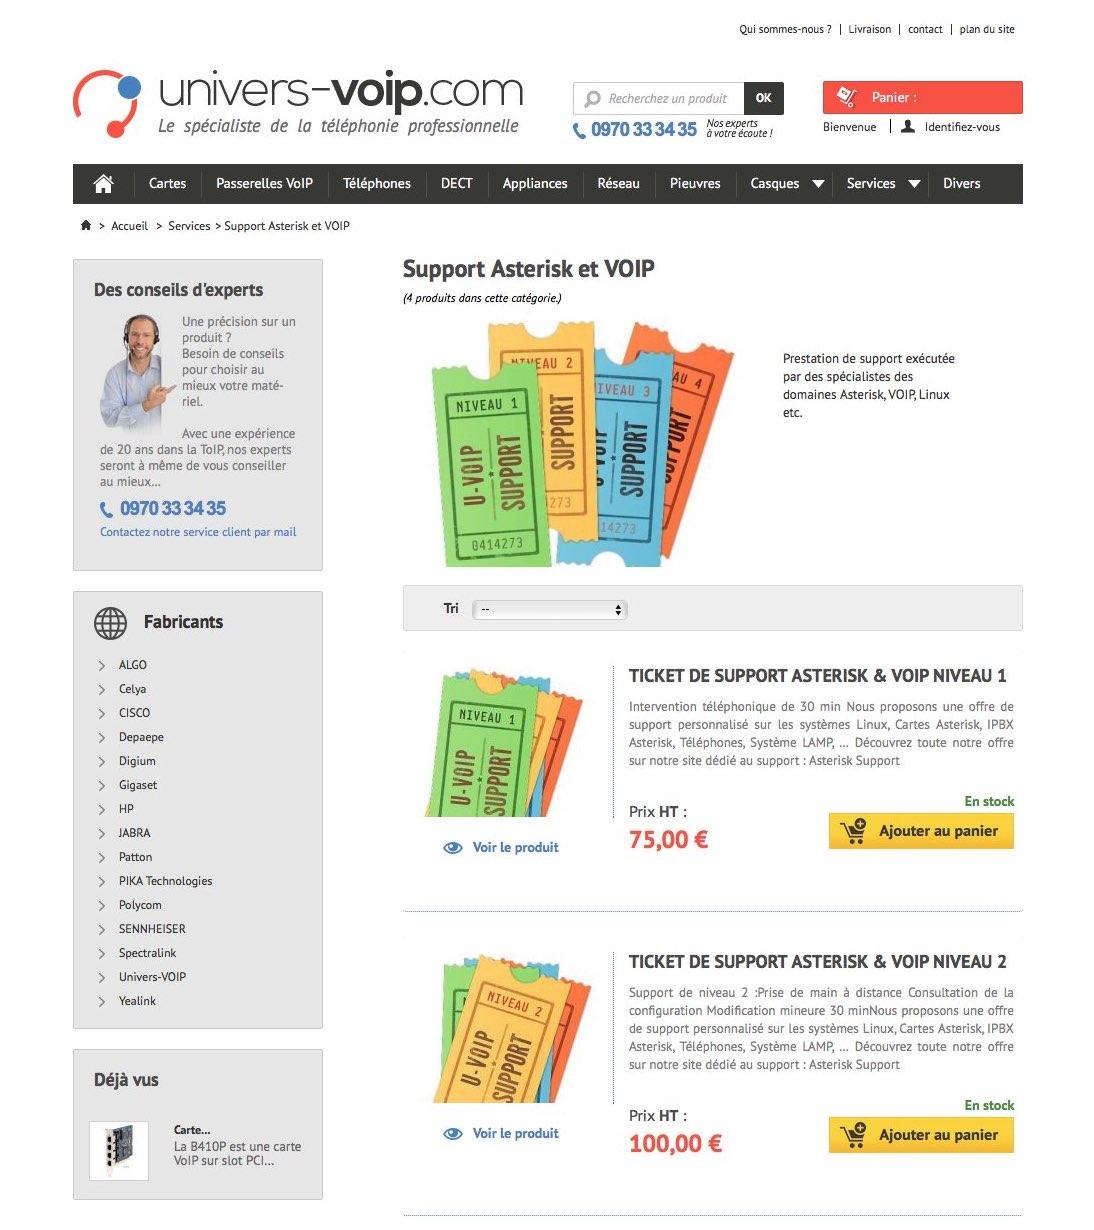 Univers VoIP : page produit, vente de prestations